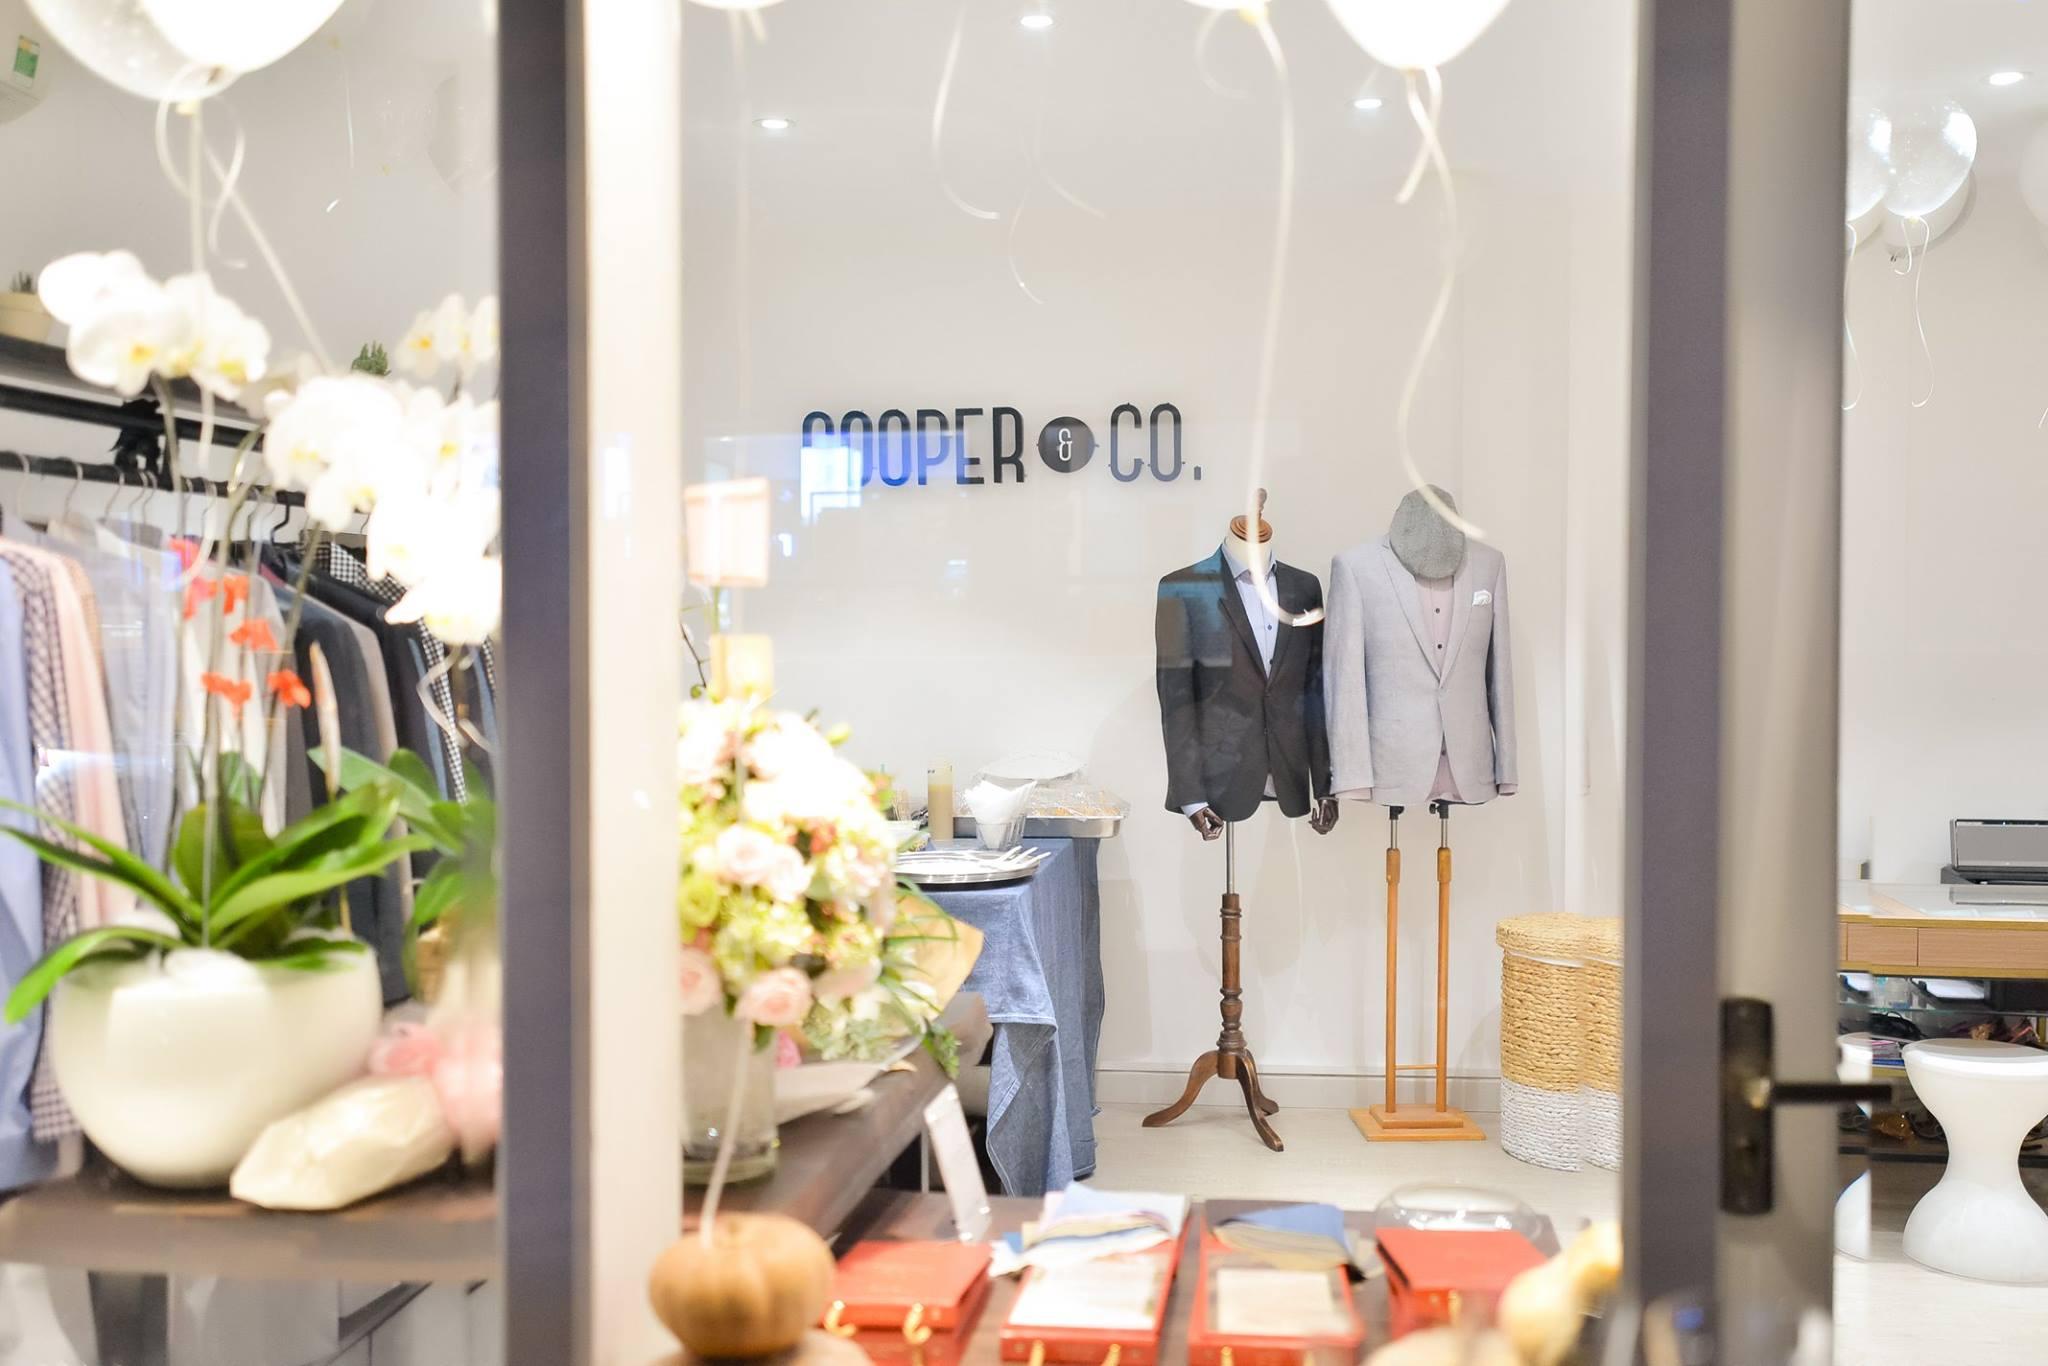 Cooper & Co. là một boutique chuyên về suit may đo (bespoke) dành cho nam giới